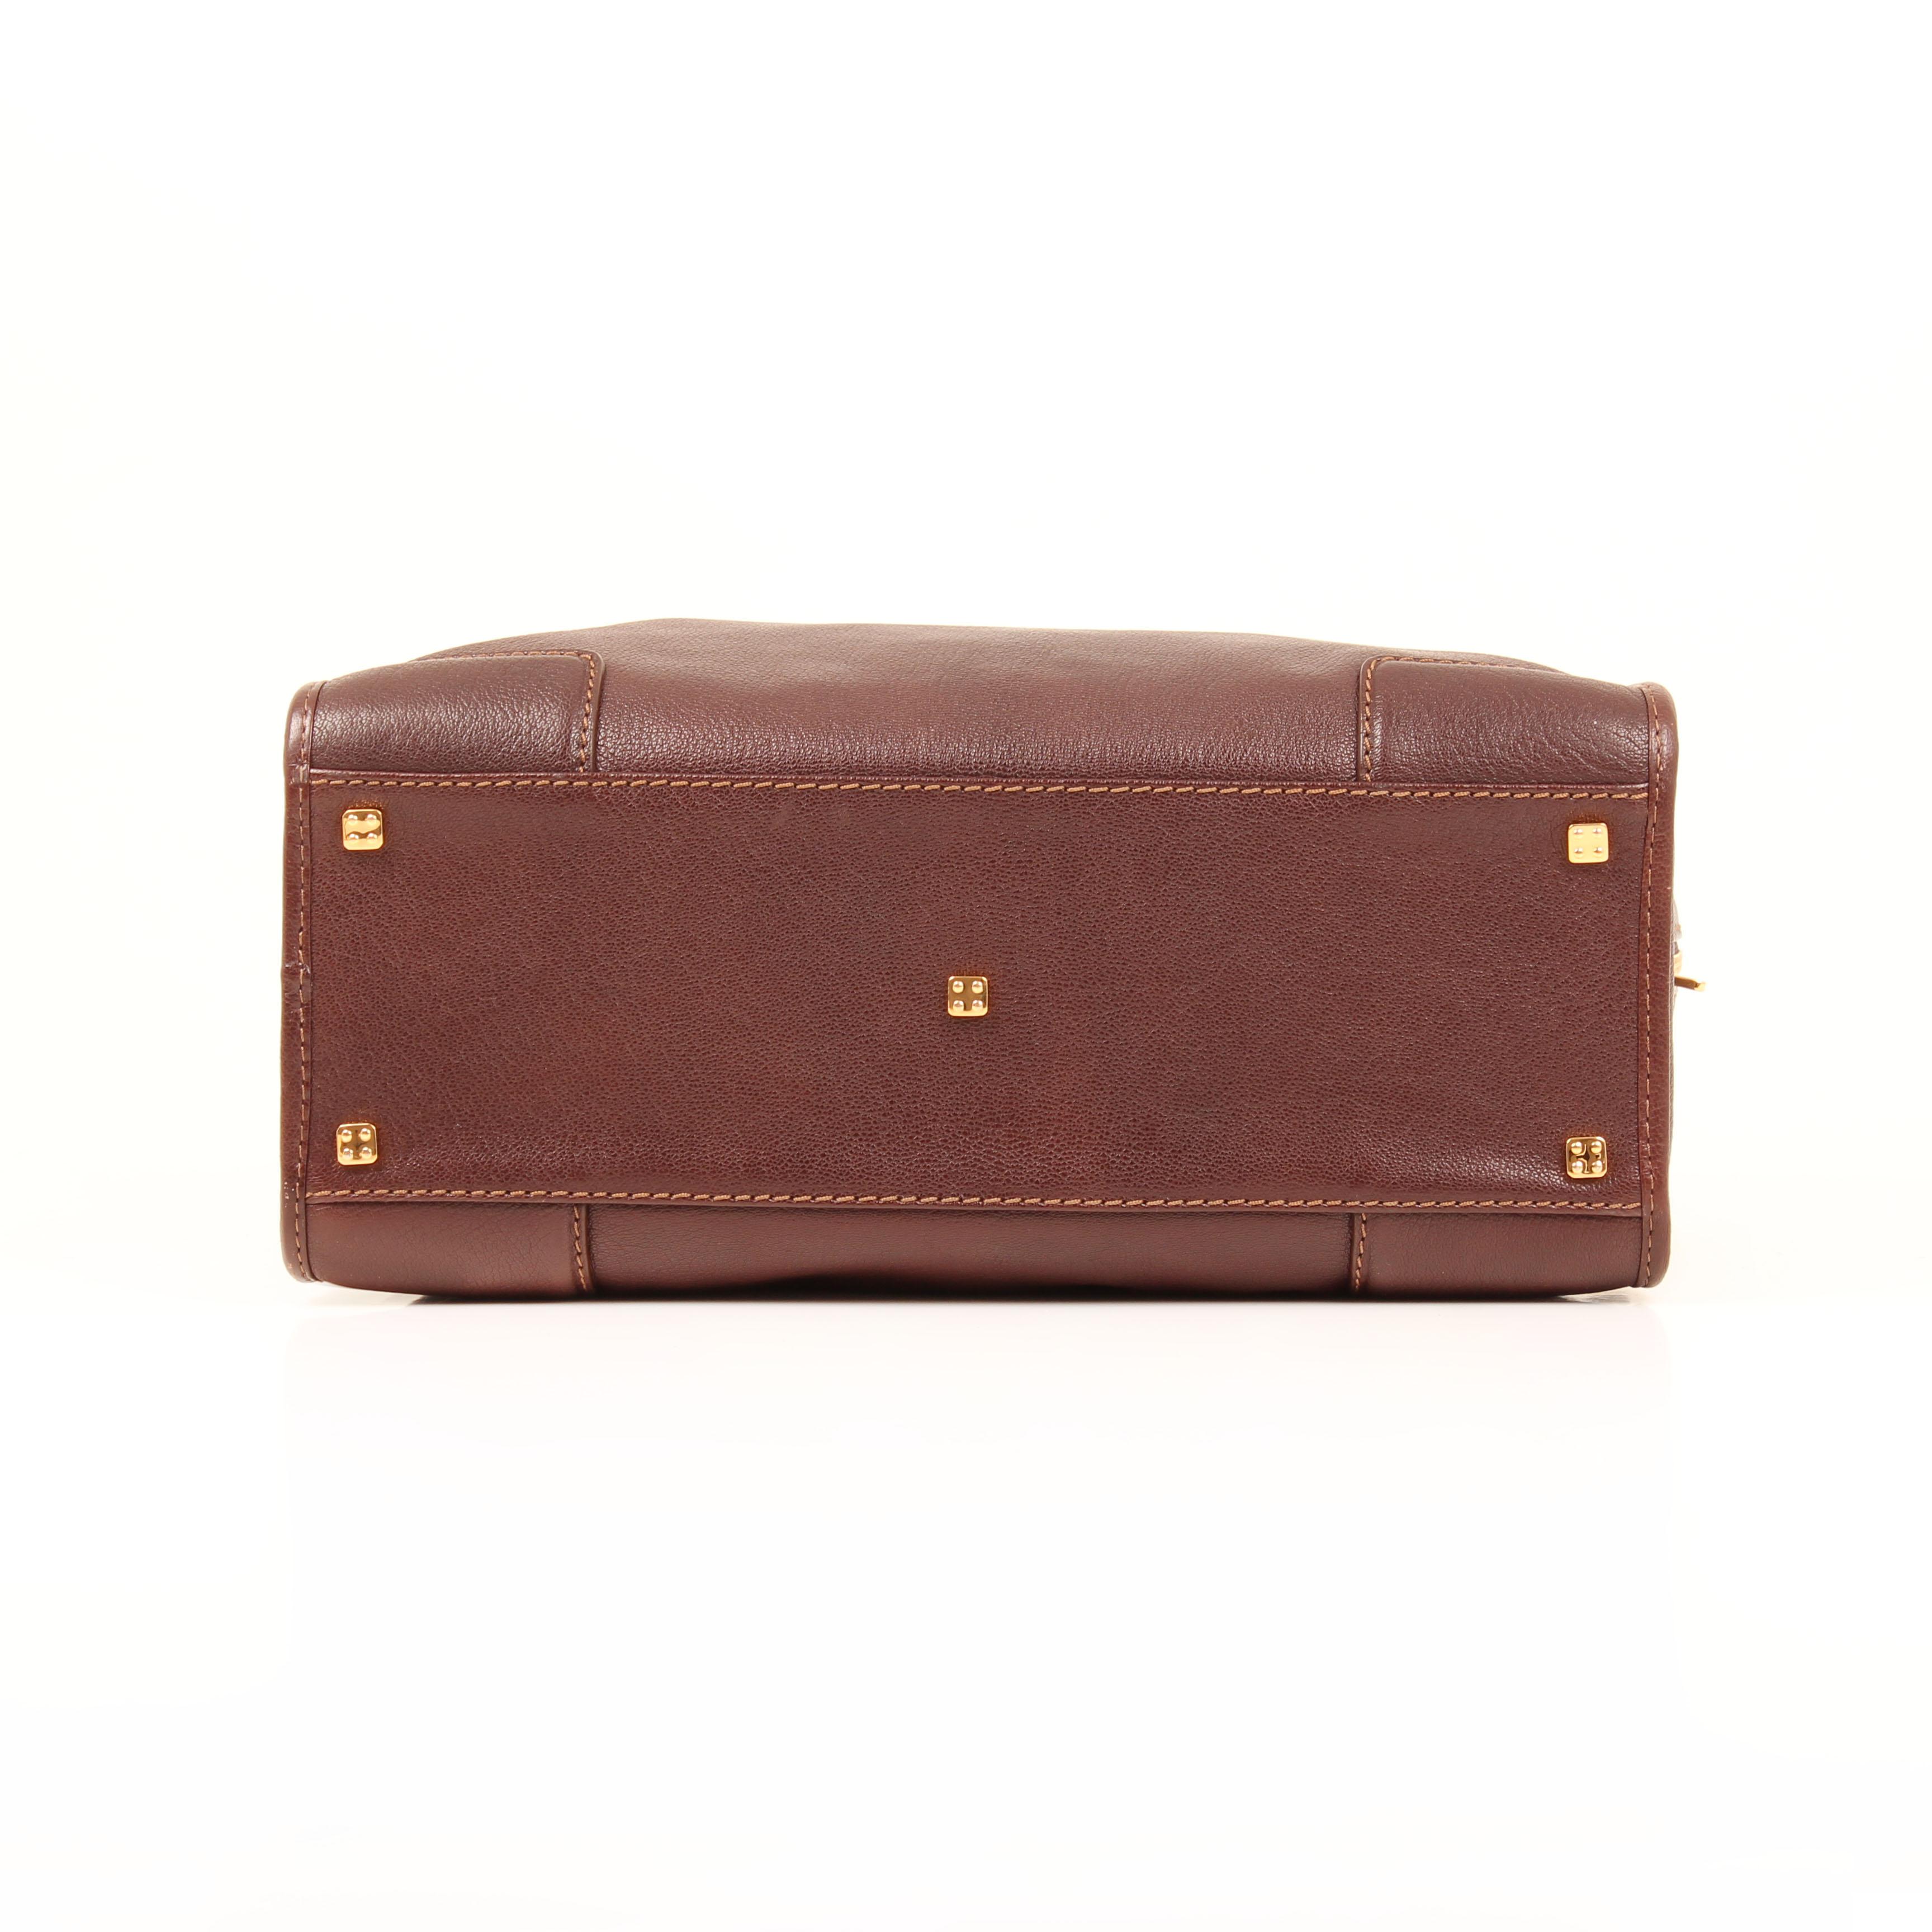 handbag loewe amazona 36 leather brown bottom